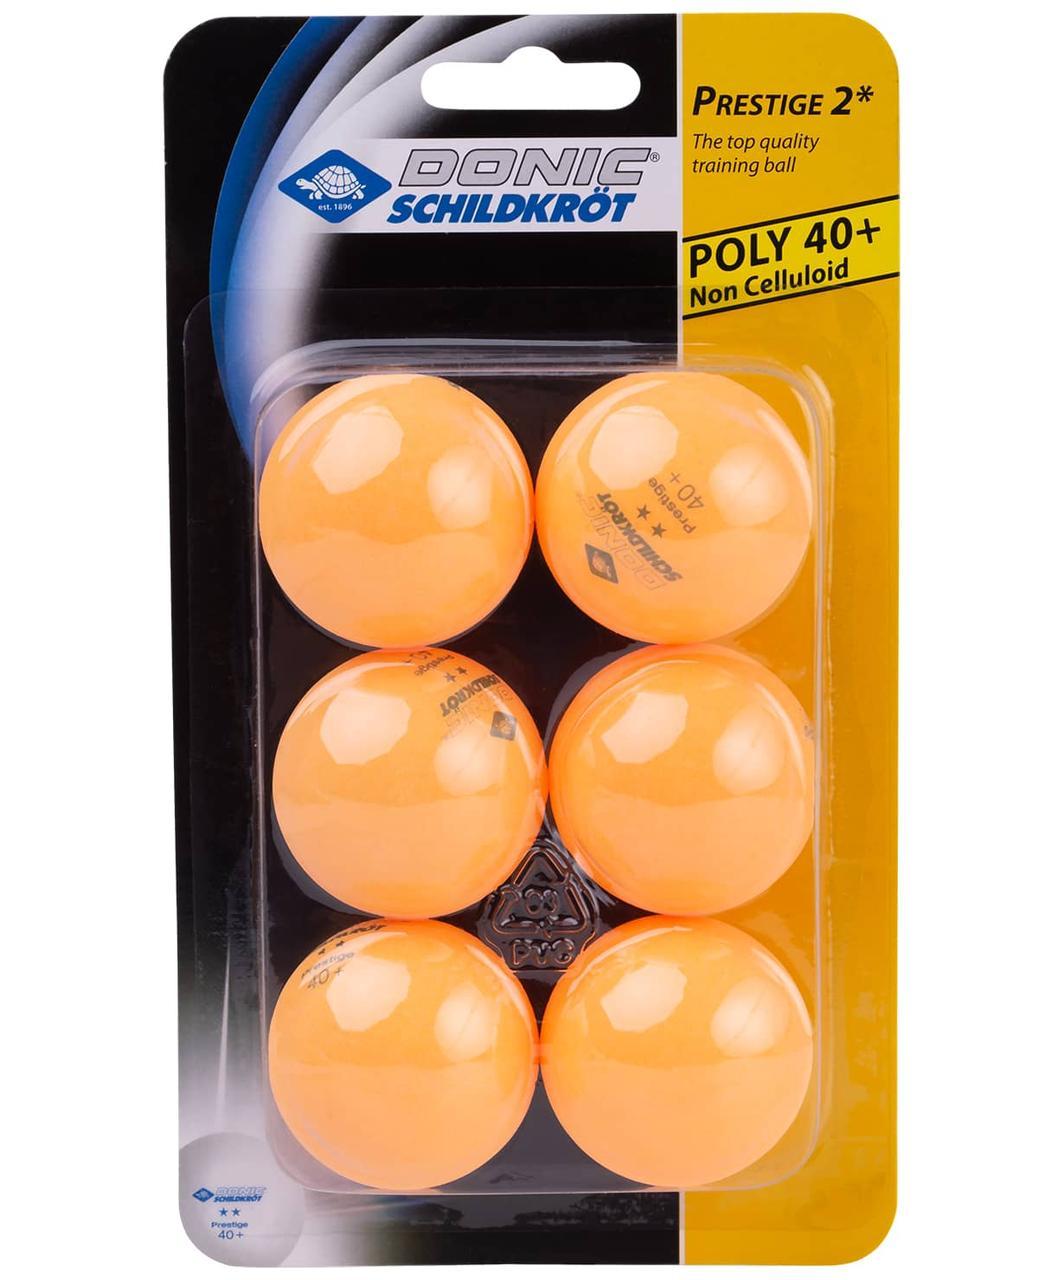 Мяч для настольного тенниса 2* Prestige, оранжевый, 6 шт. Donic